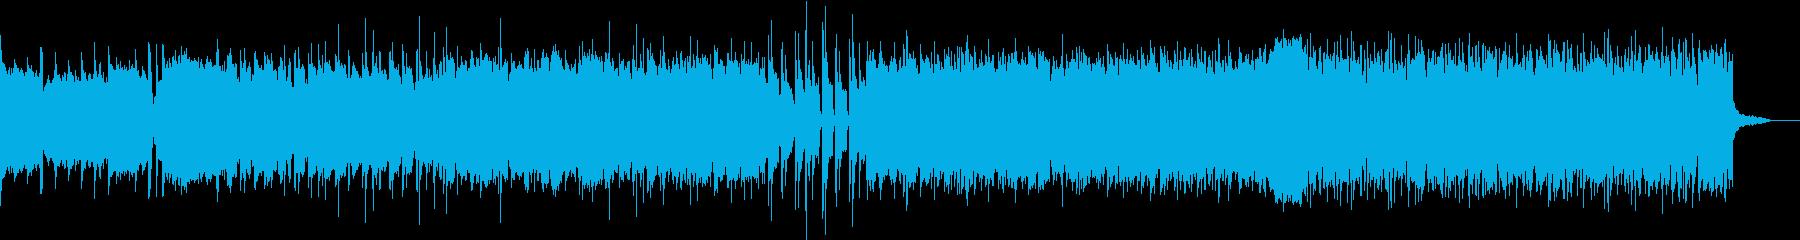 和風 和楽器 の再生済みの波形